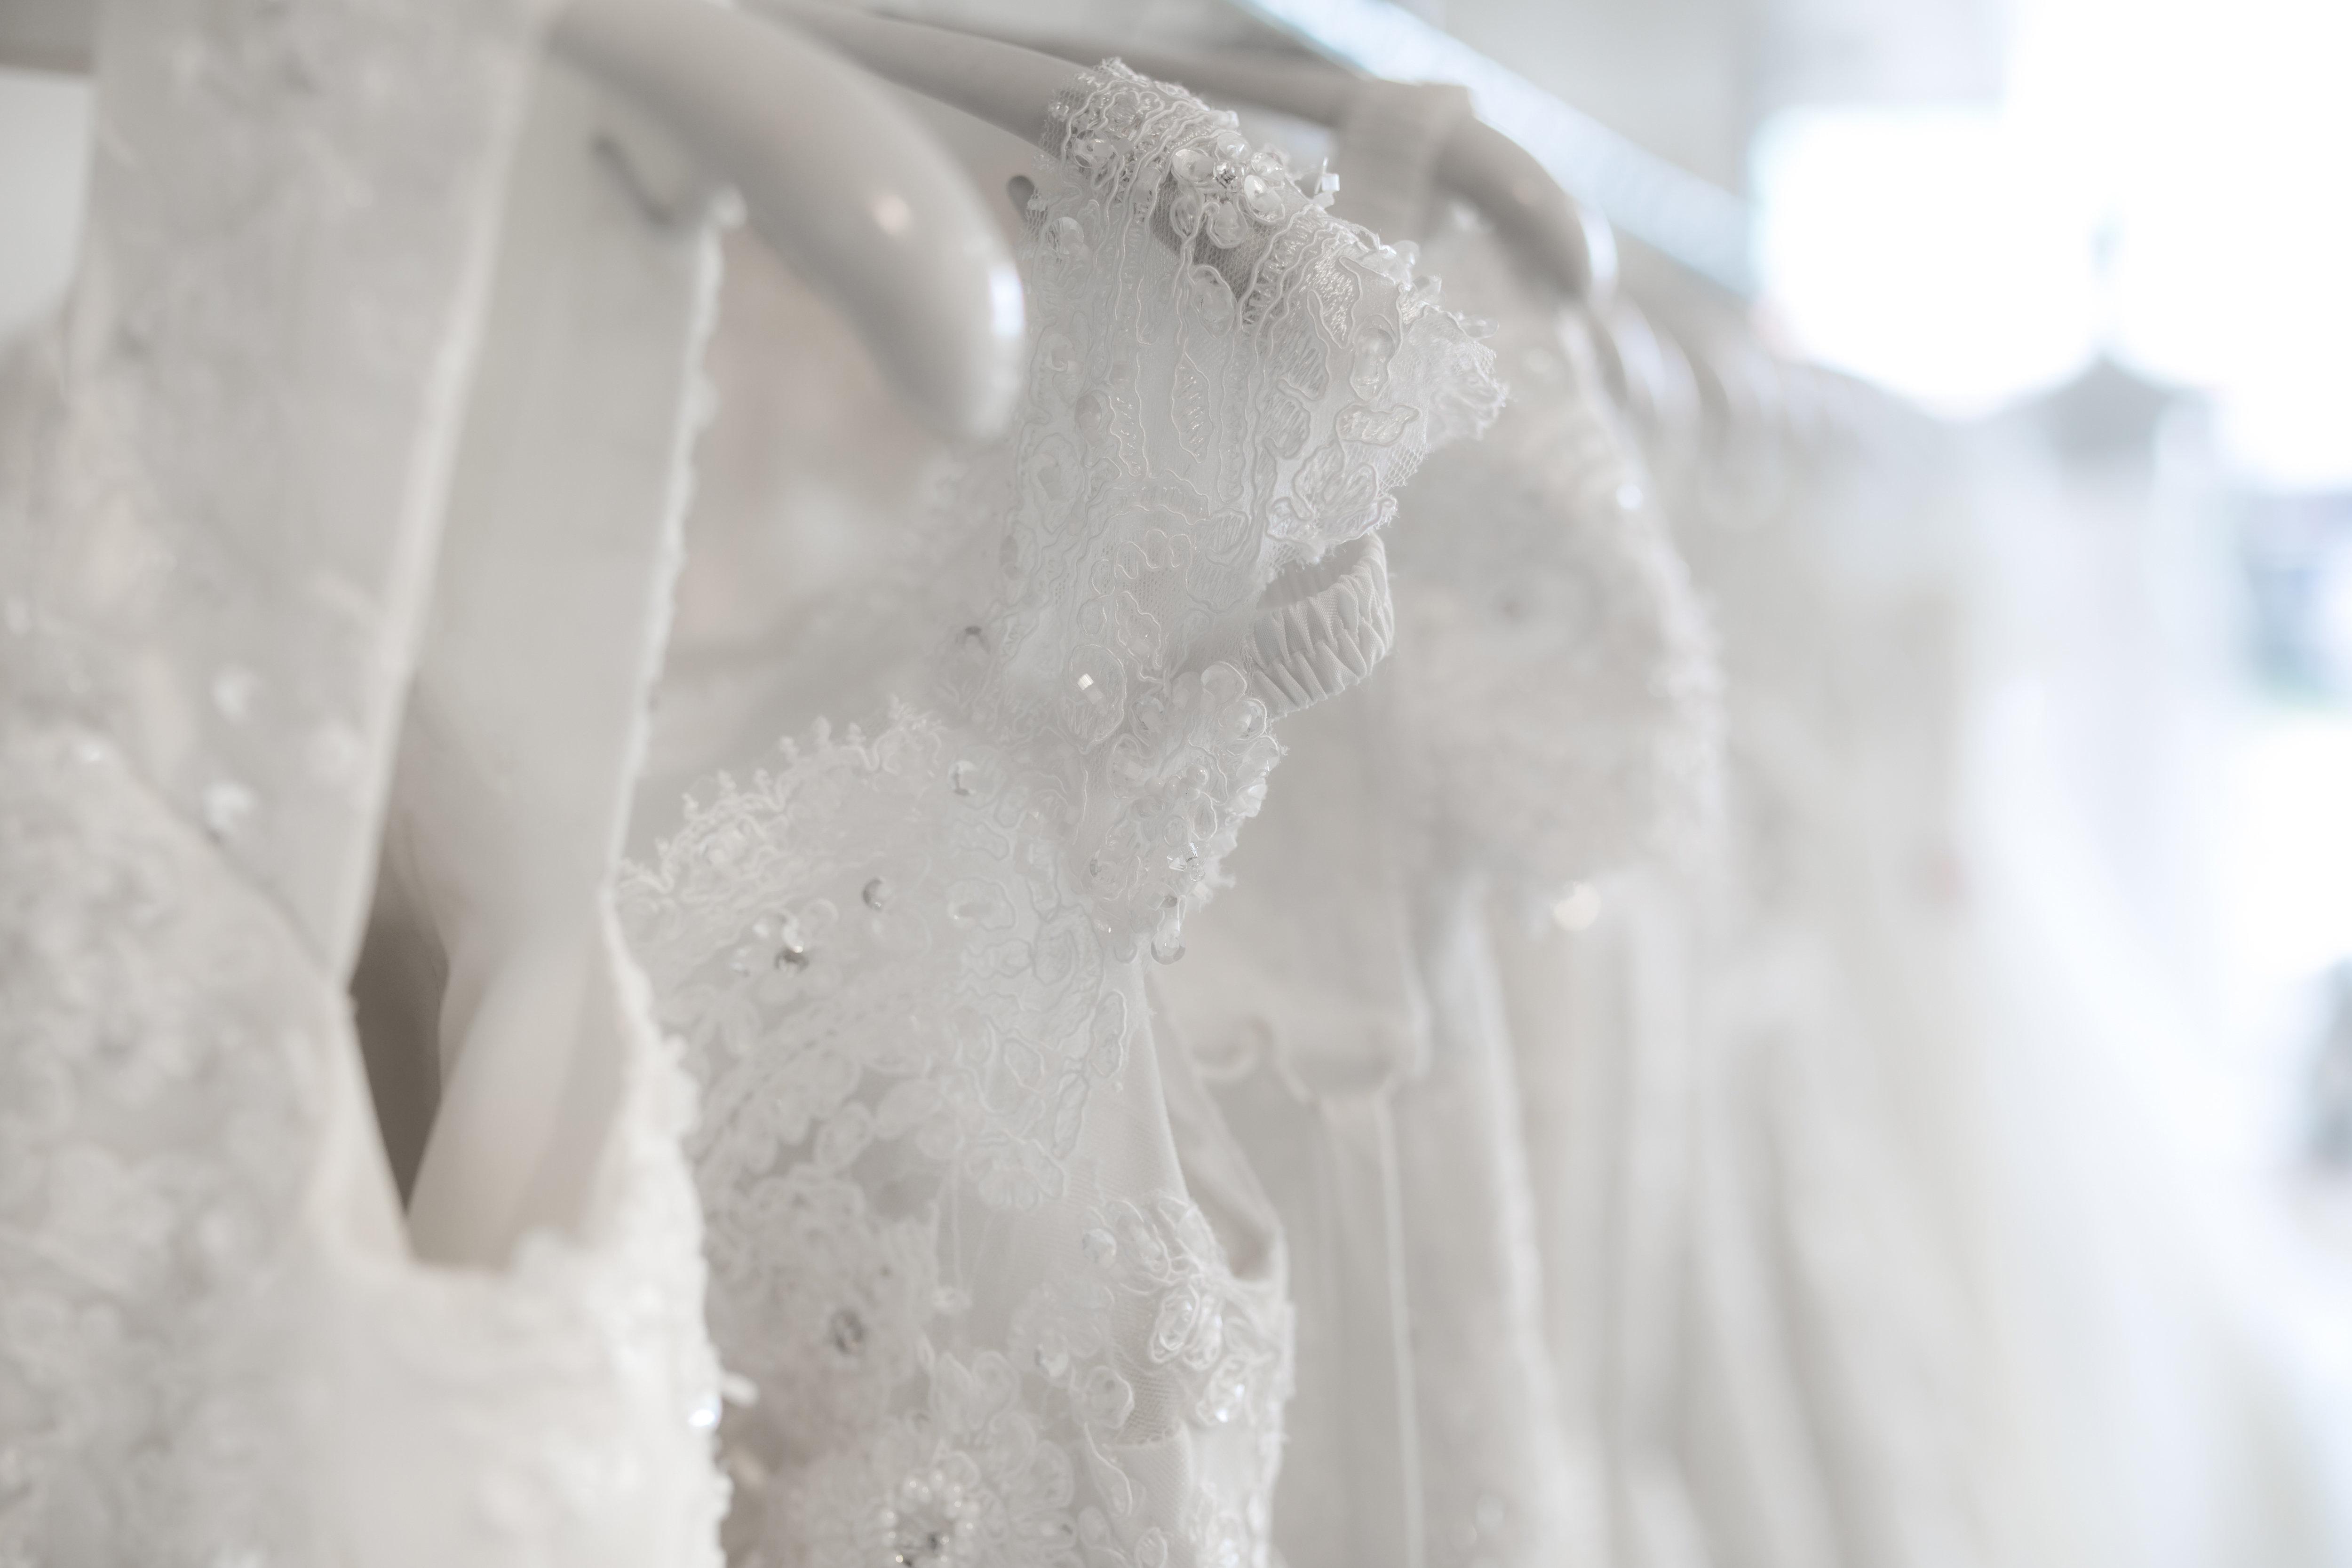 Hochzeit: 5 Wege, wie ihr euer Brautkleid wiederverwerten